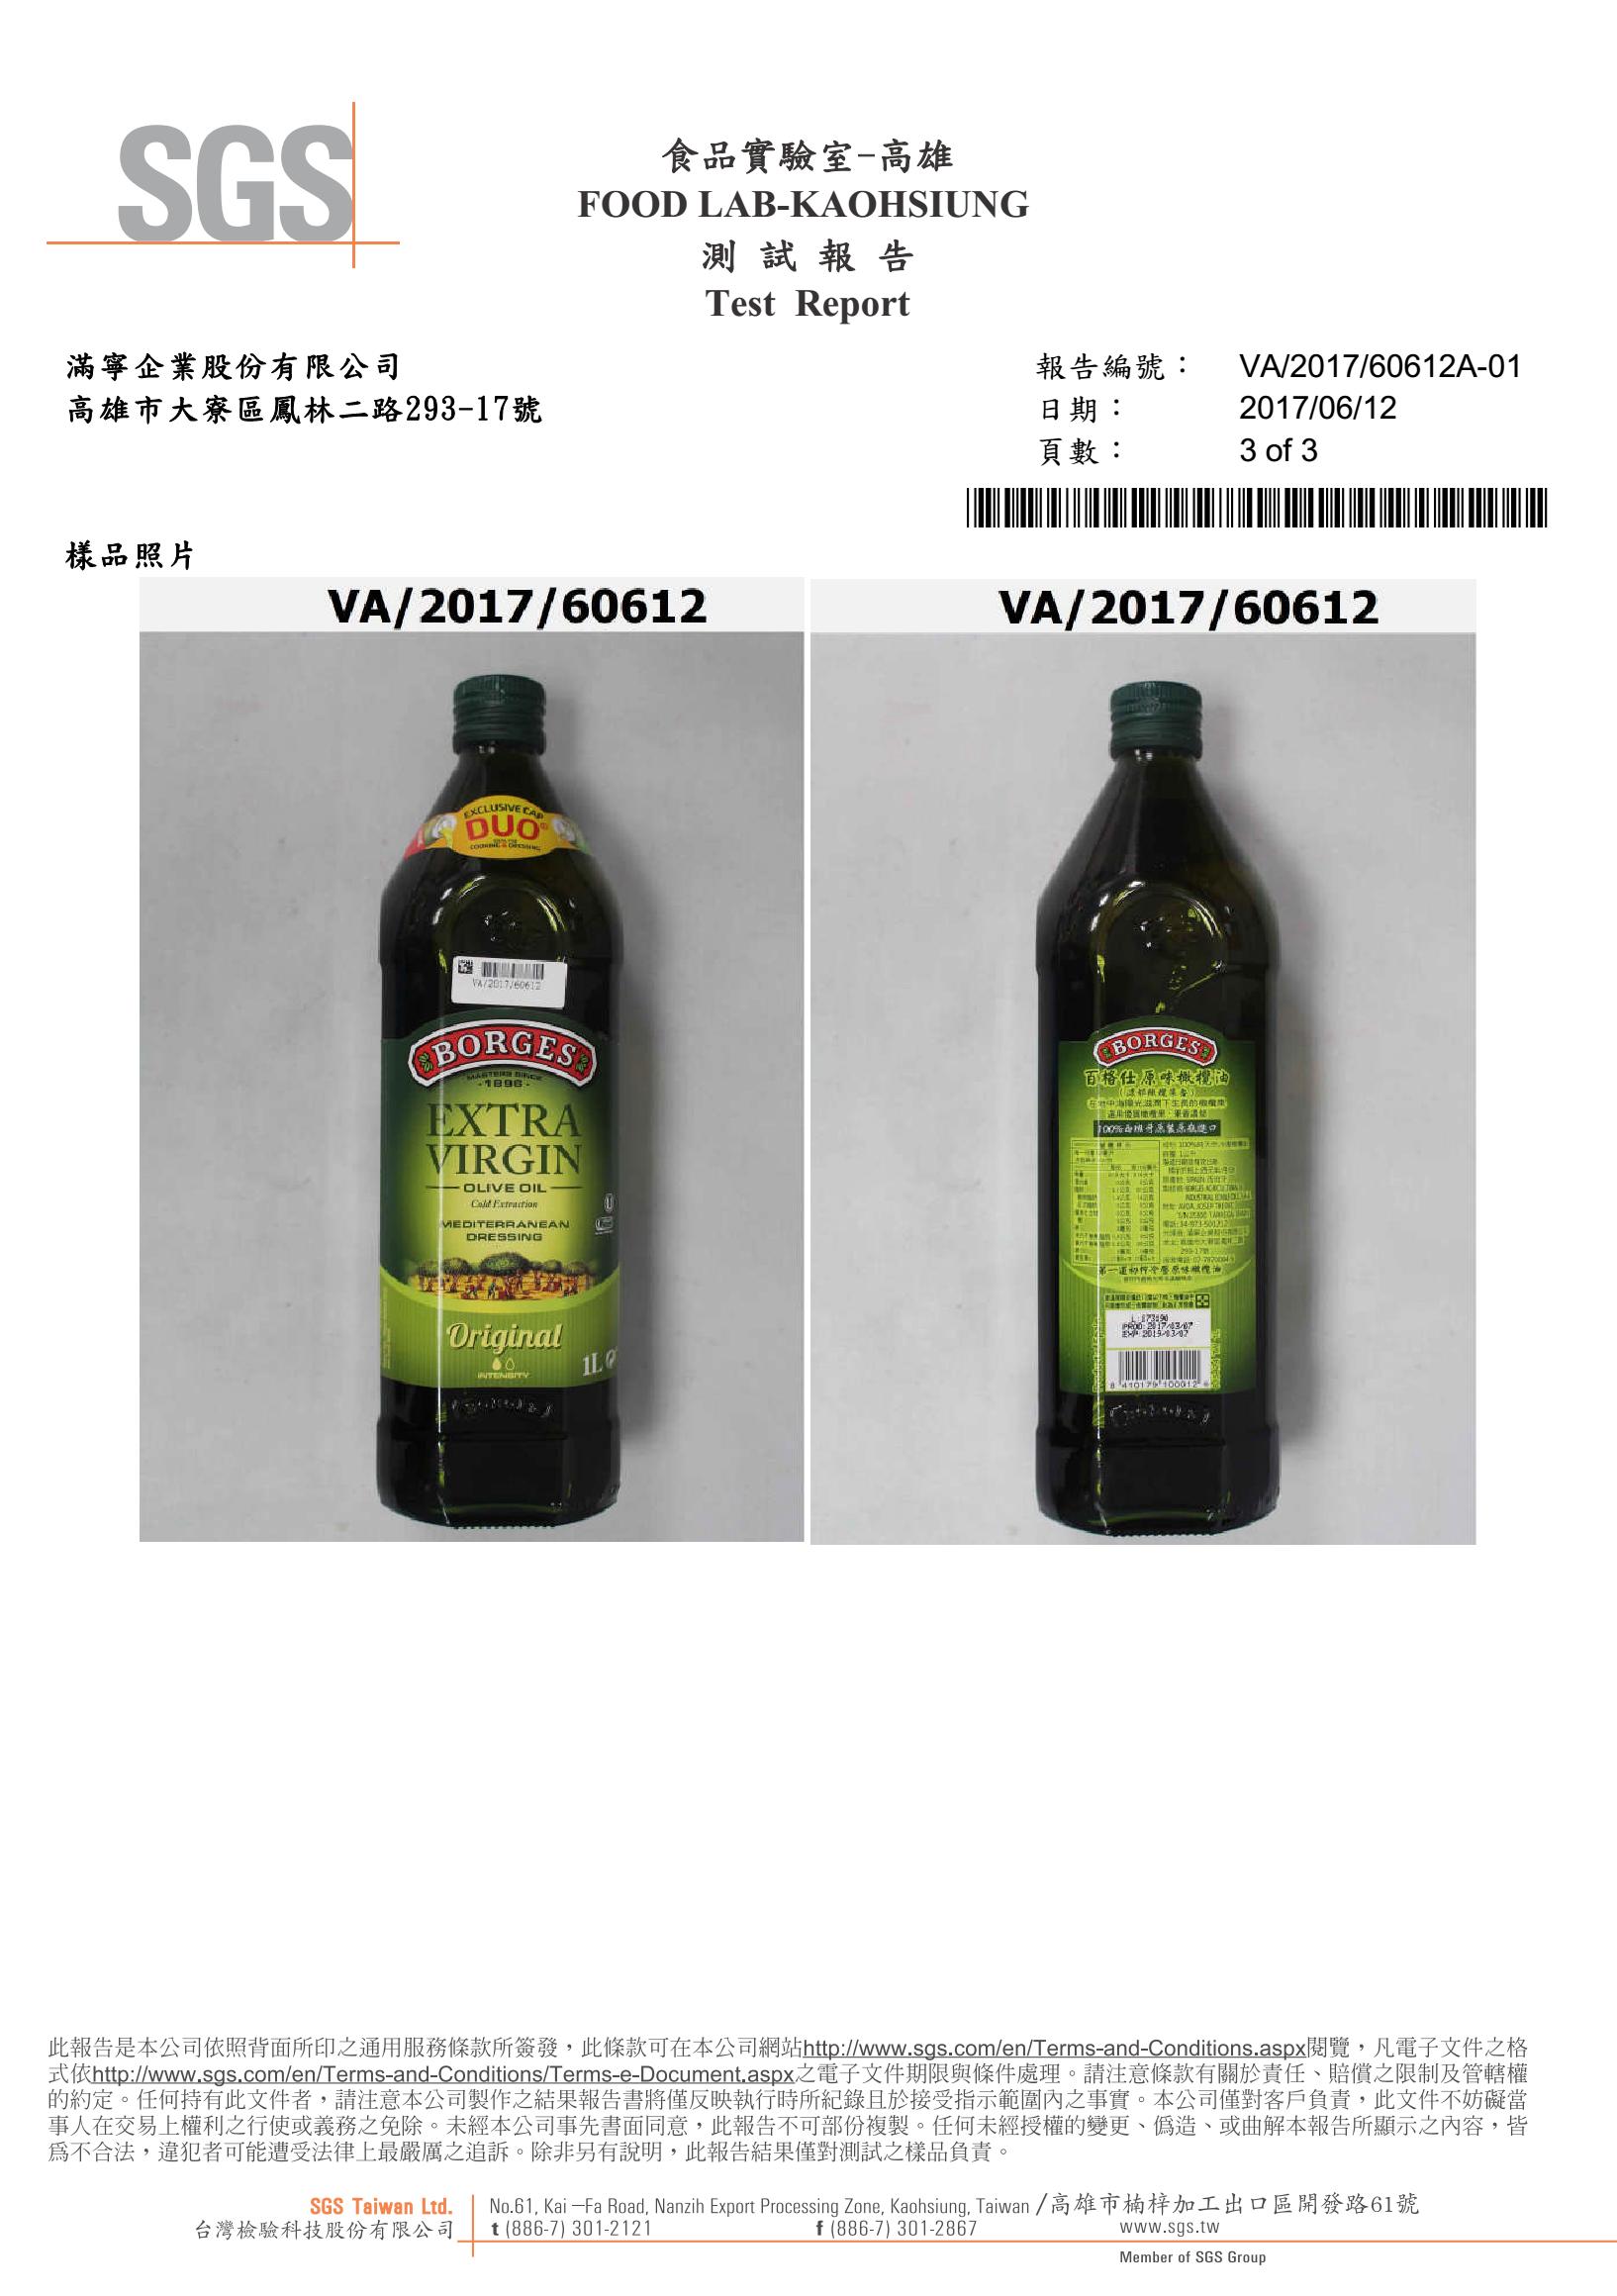 百格仕原味橄欖油,經SGS檢驗合格